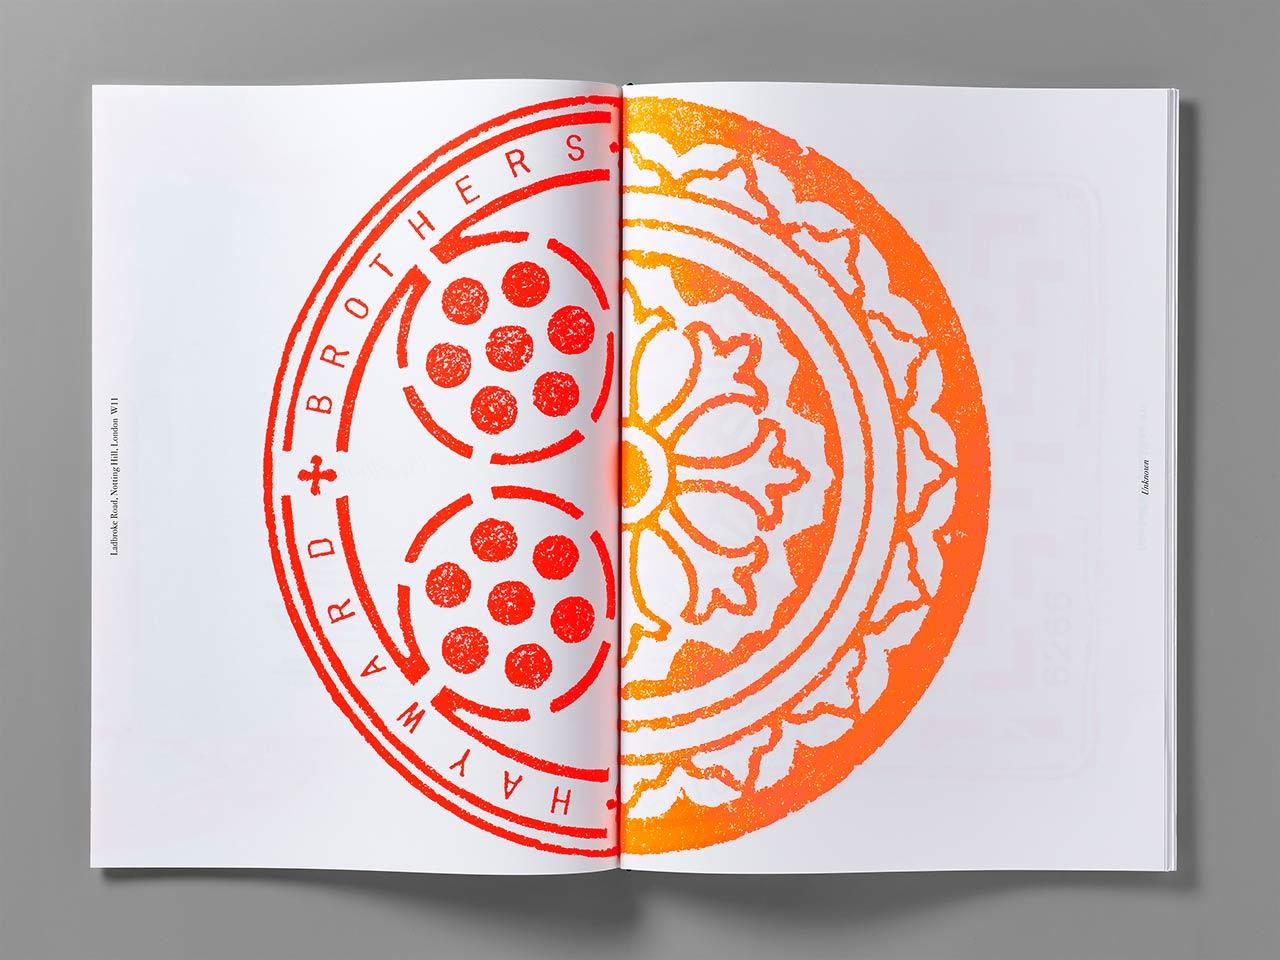 Pentagram_Overlooked-PP-book_03